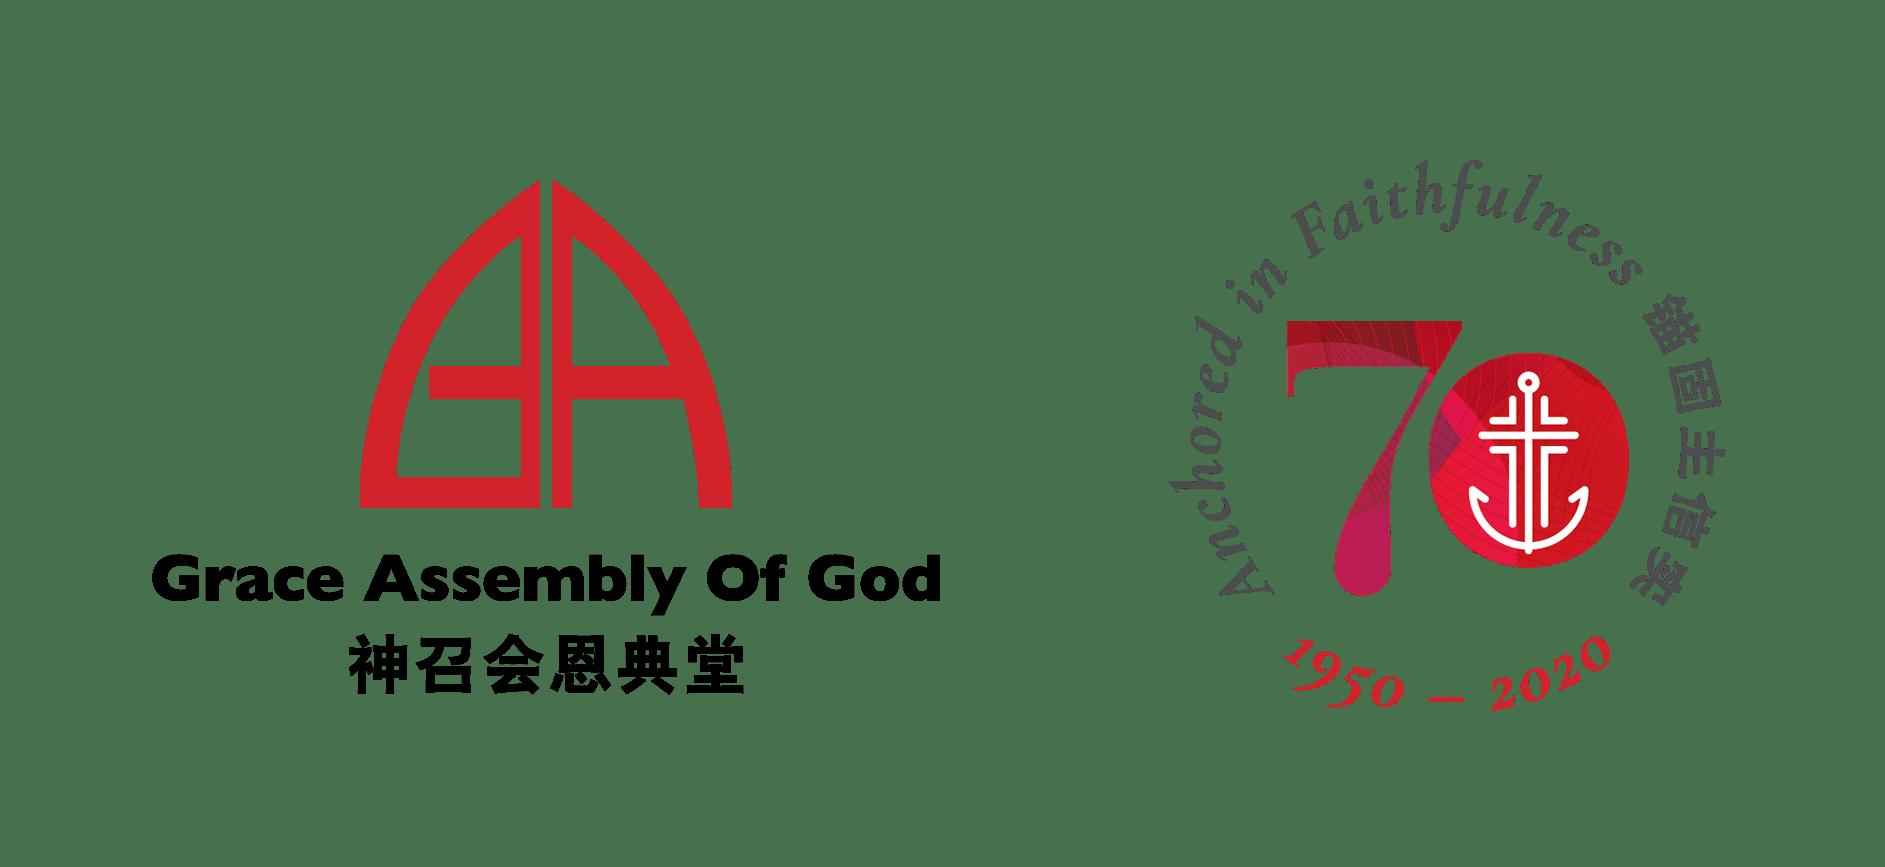 Grace Assembly of God